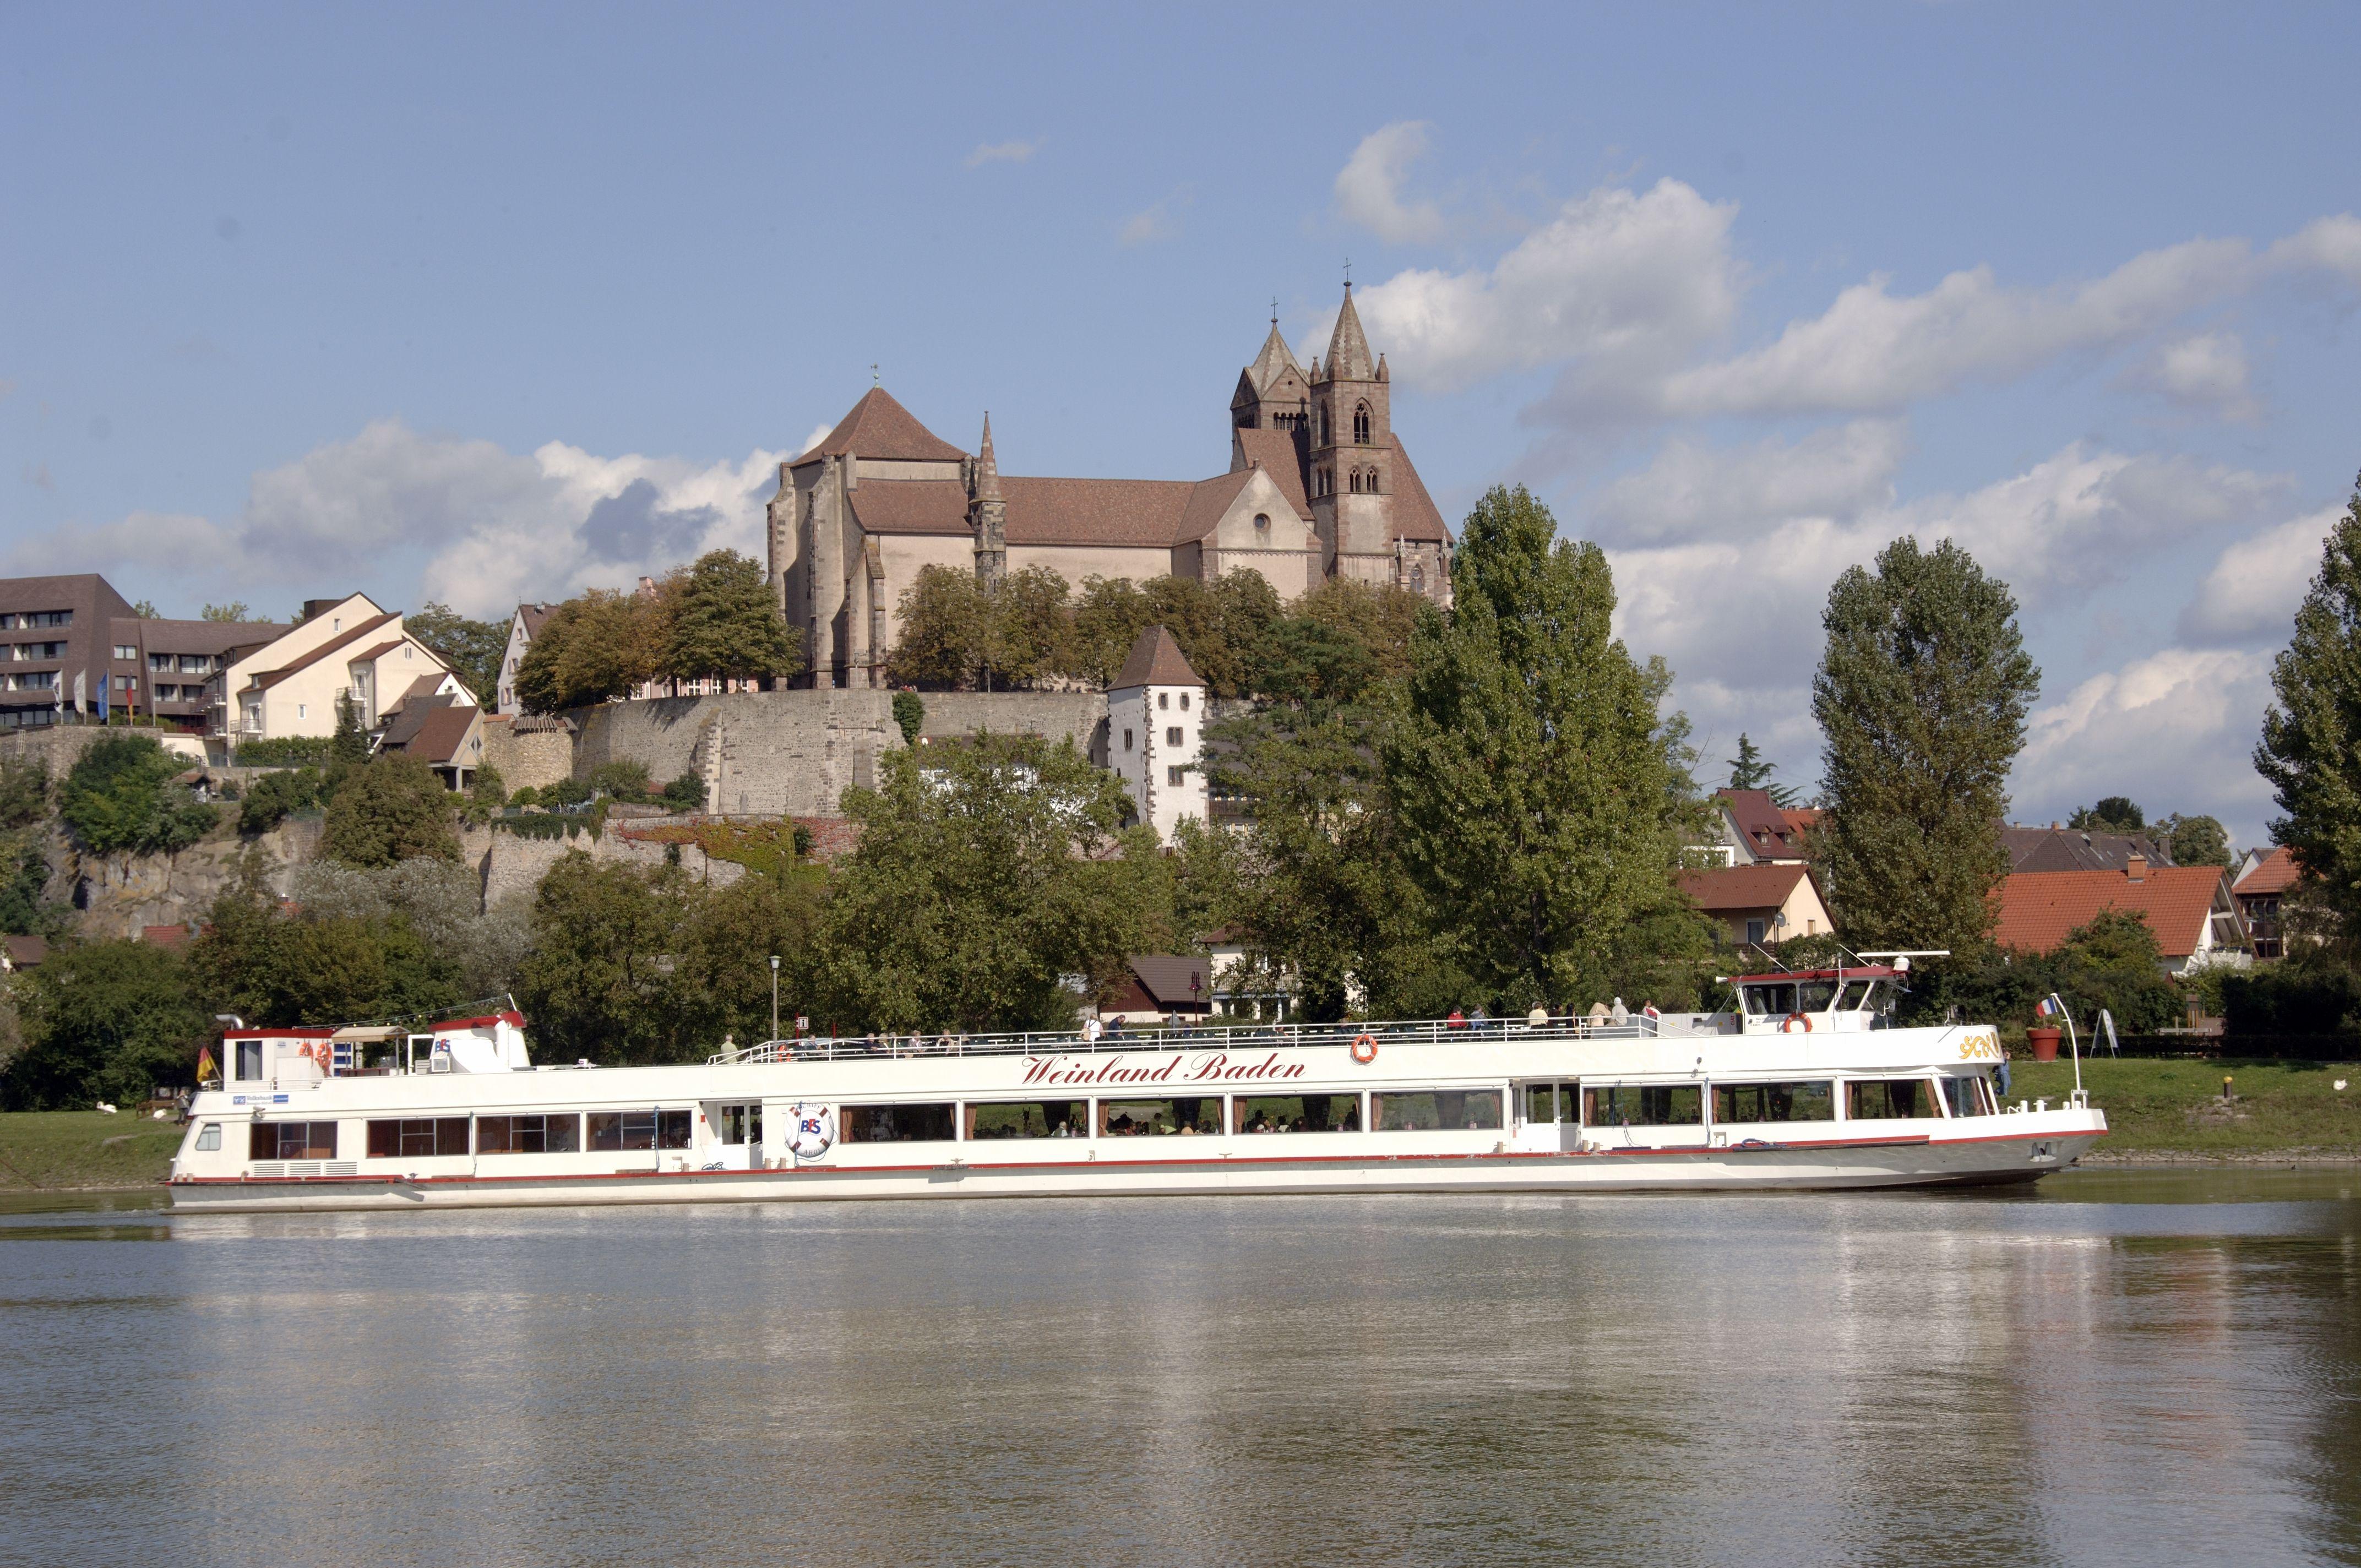 ライン川対岸からのブライザッハと聖シュテファン大聖堂